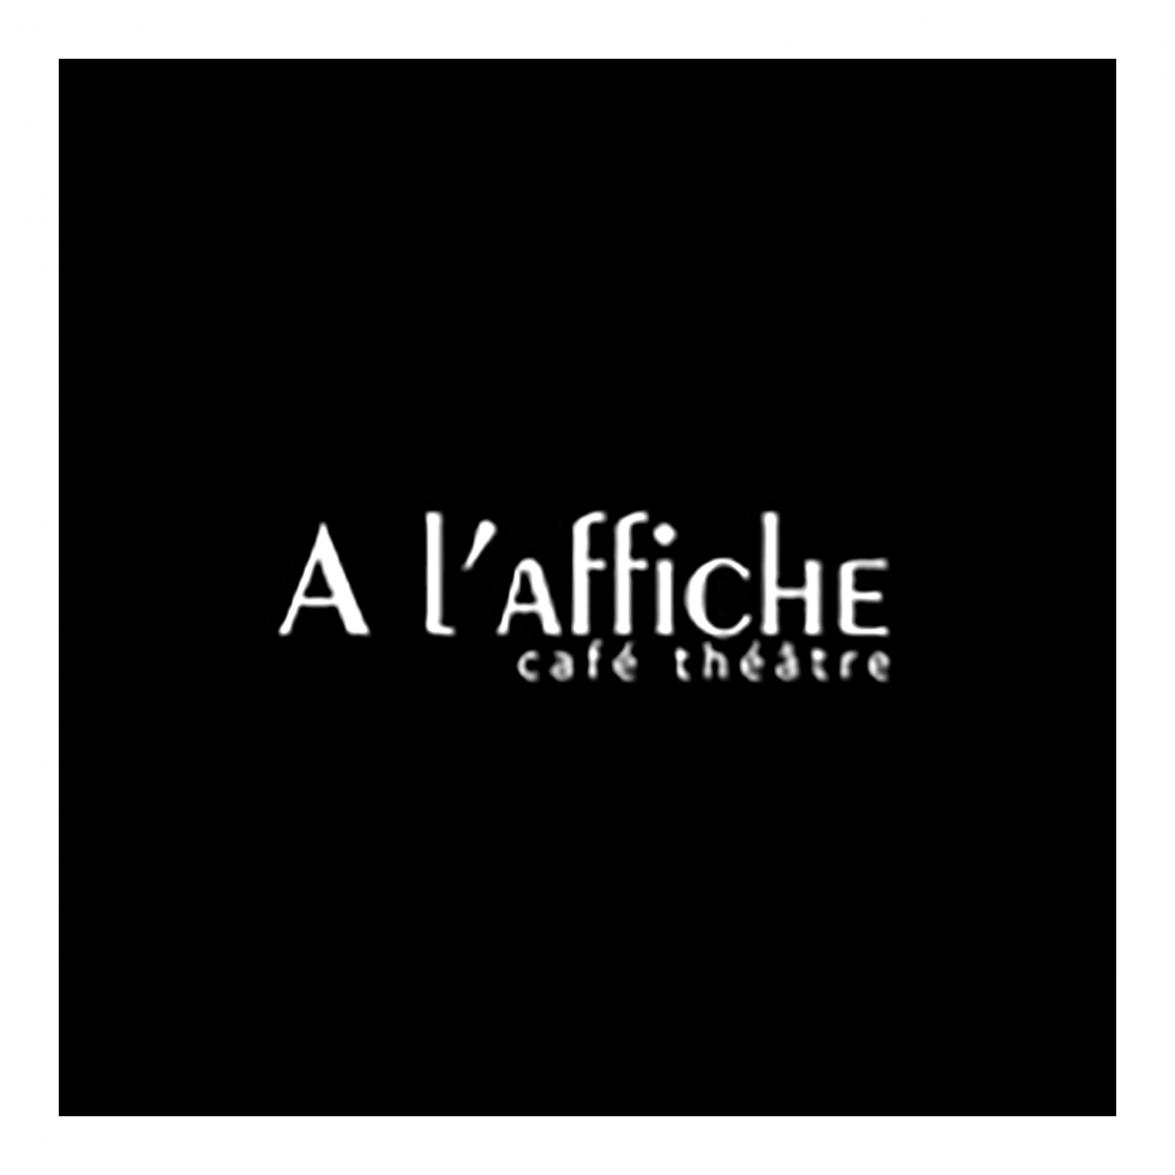 Angèle Von kiss - Mes clients - A L'AFFICHE